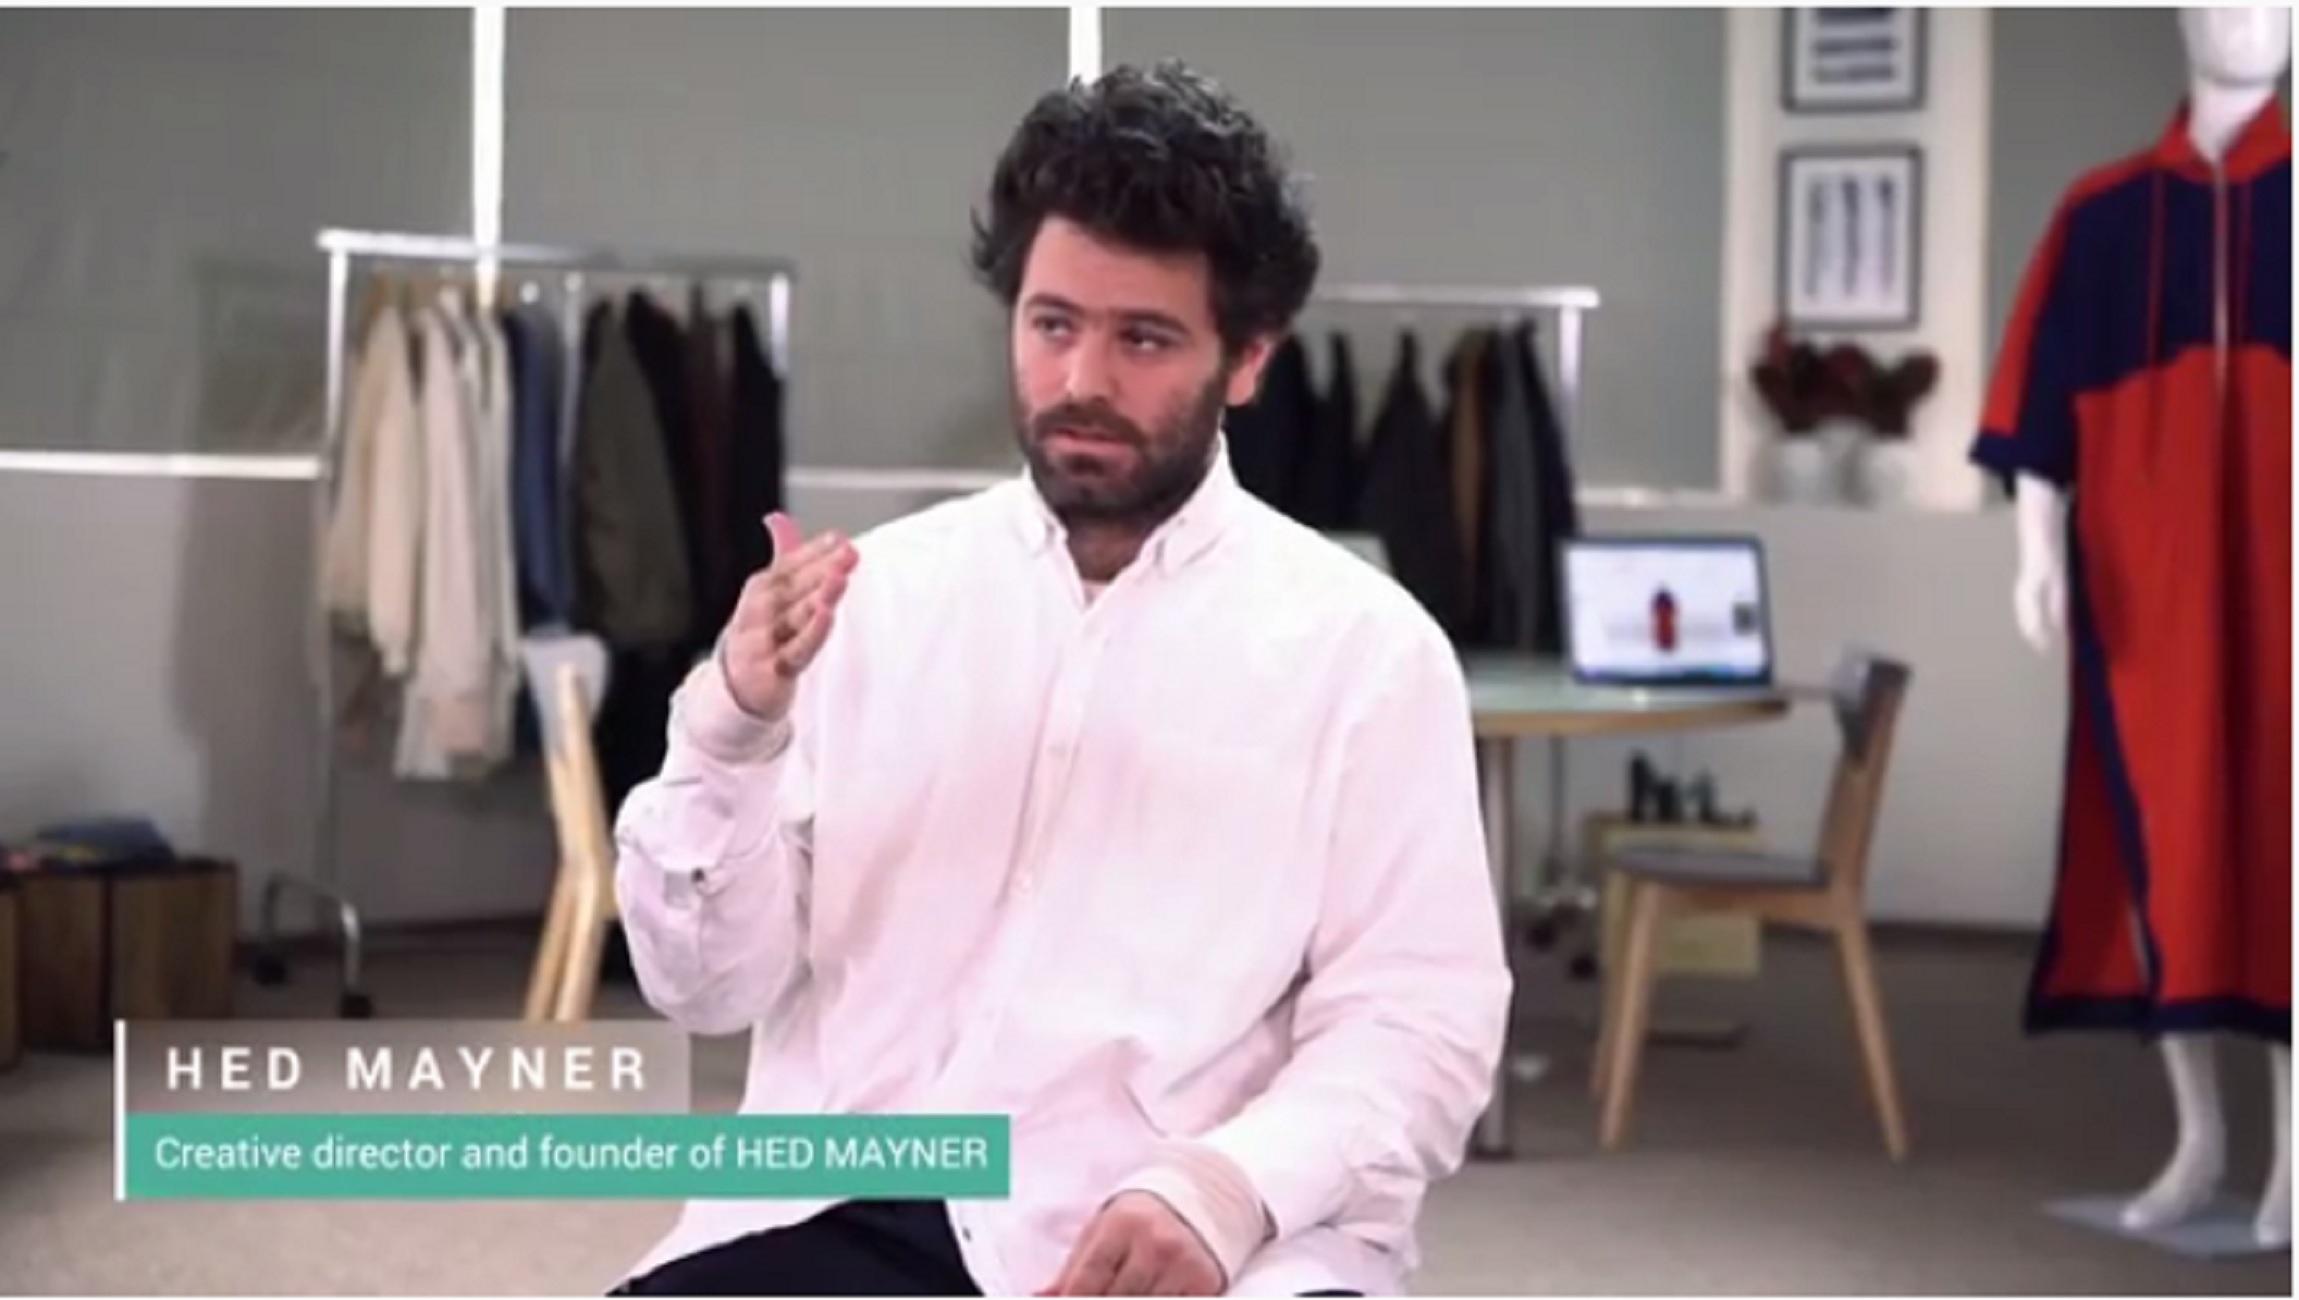 Στον Hed Mayner το Karl Lagerfeld Prize